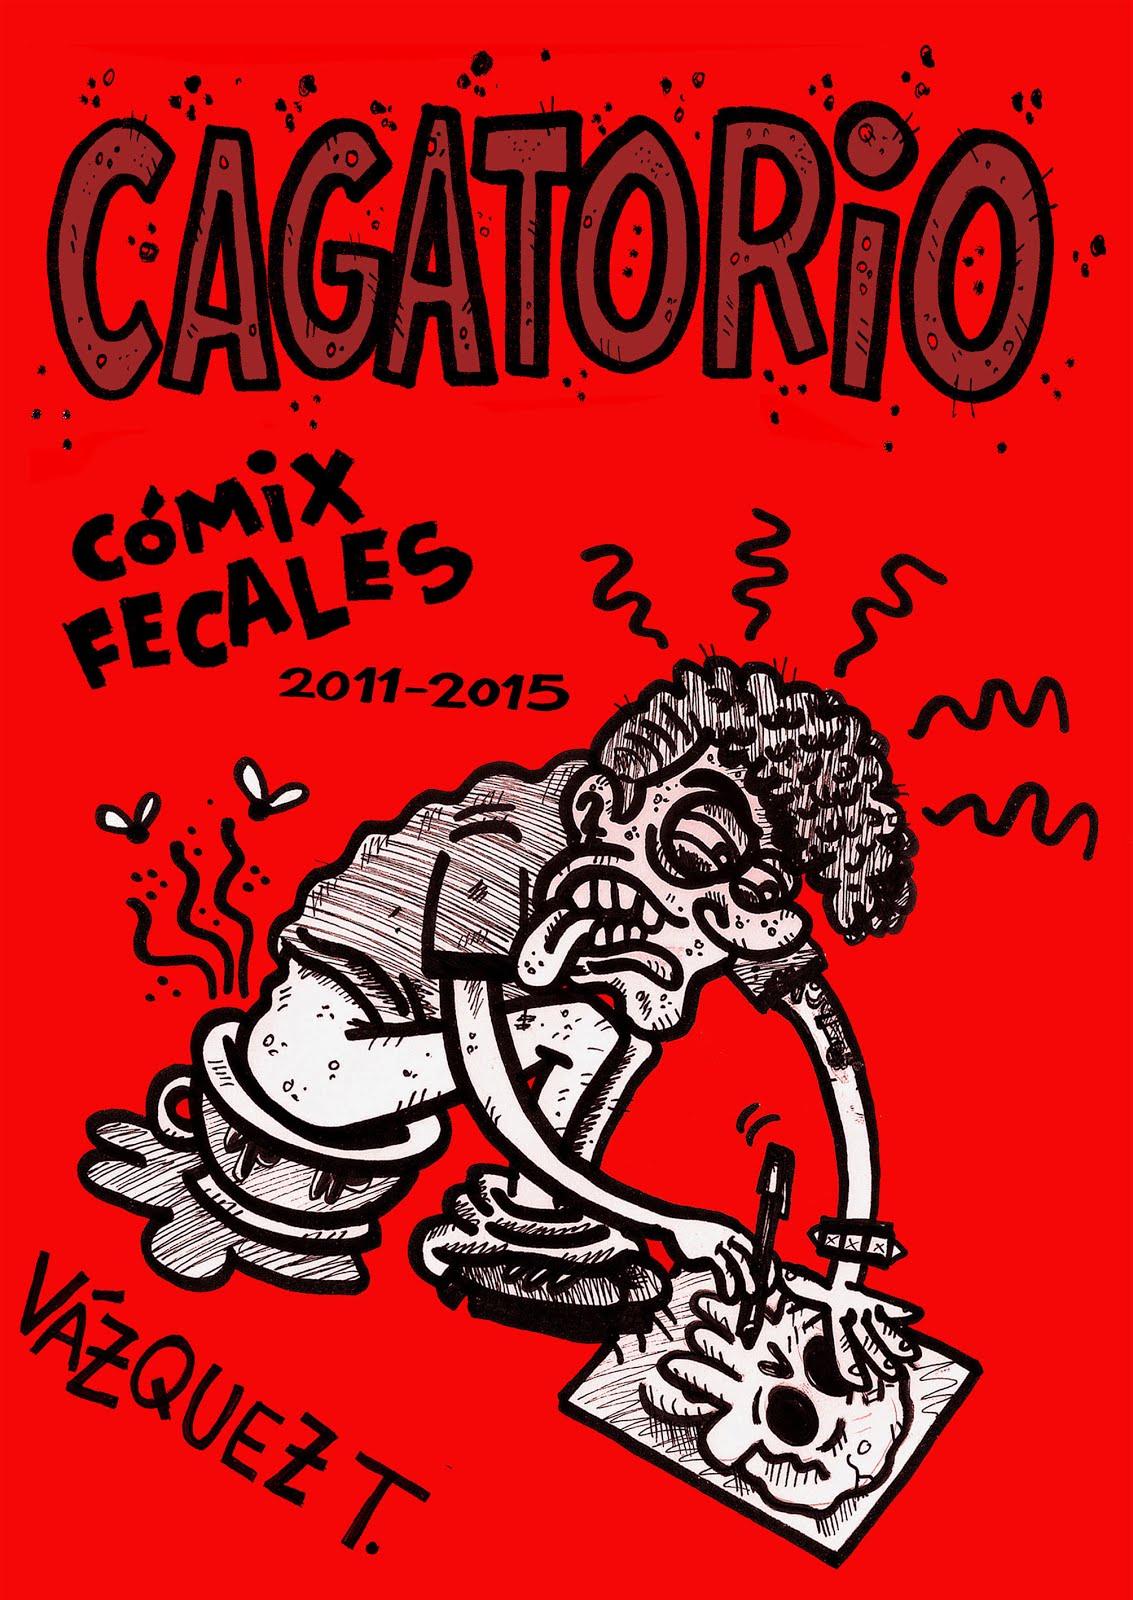 CAGATORIO. 2015